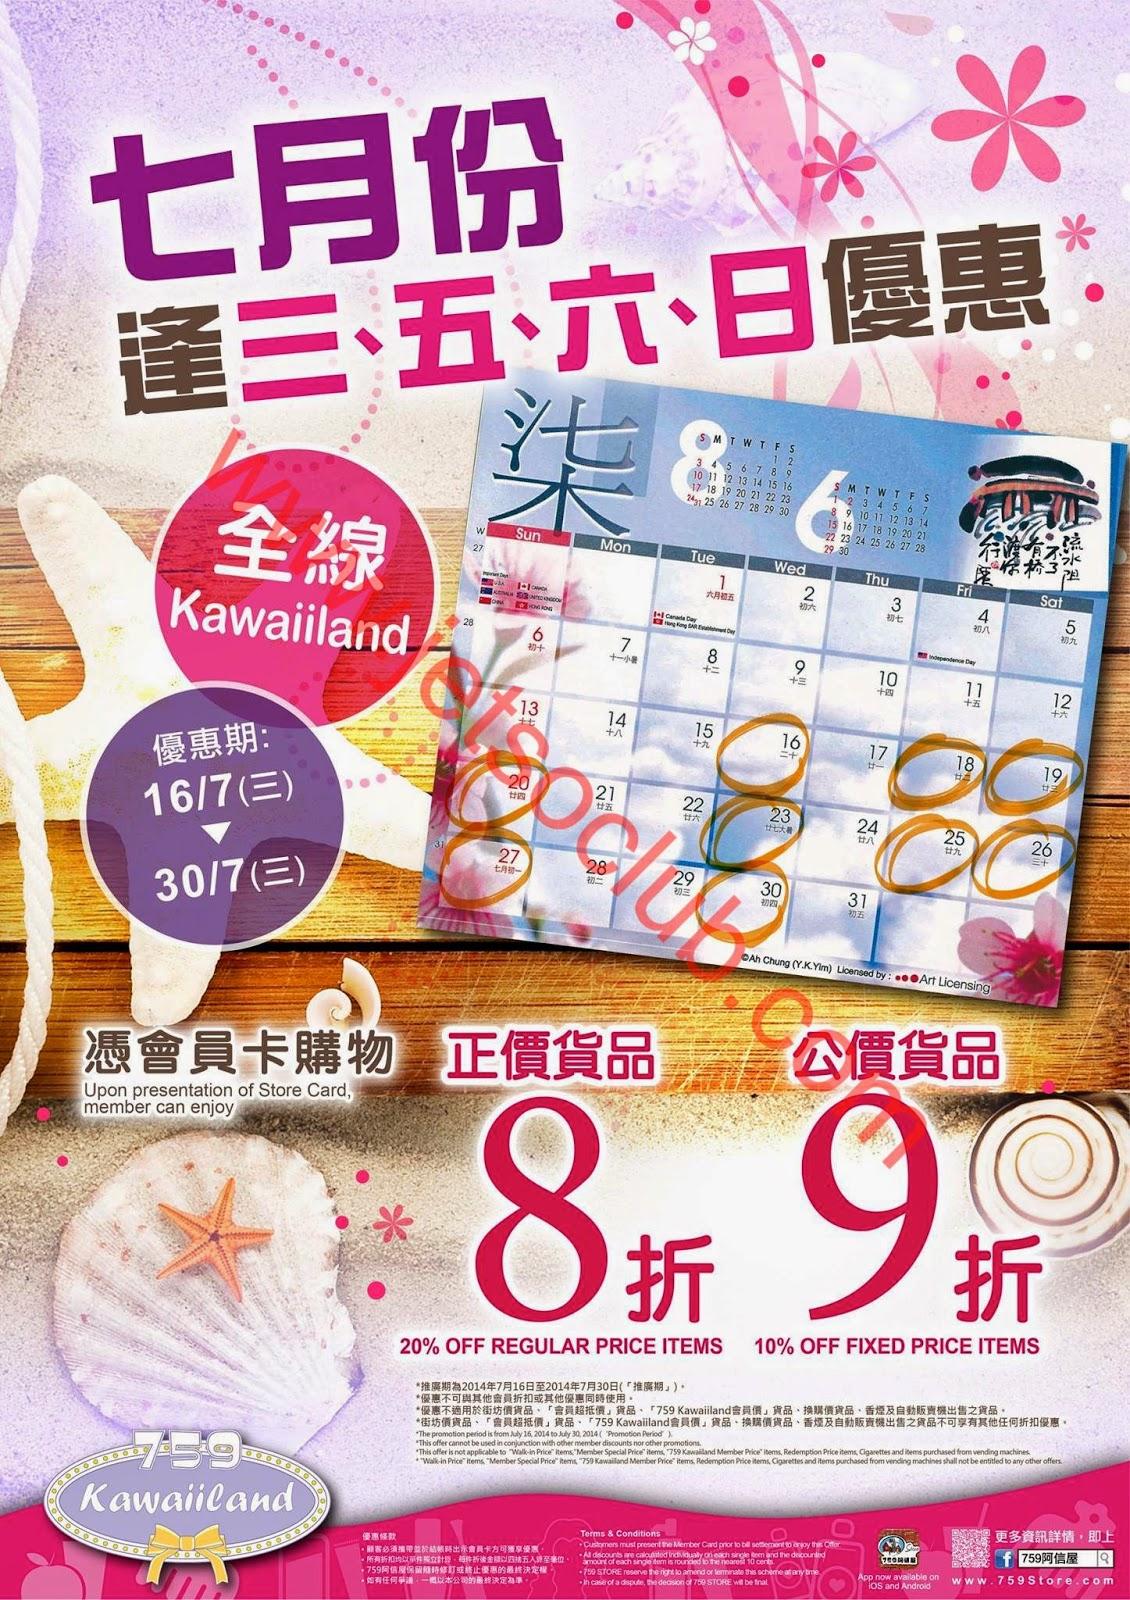 759 Kawaiiland:正價貨品8折 公價貨品9折(逢星期三,五,六,日 16-30/7) ( Jetso Club 著數俱樂部 )